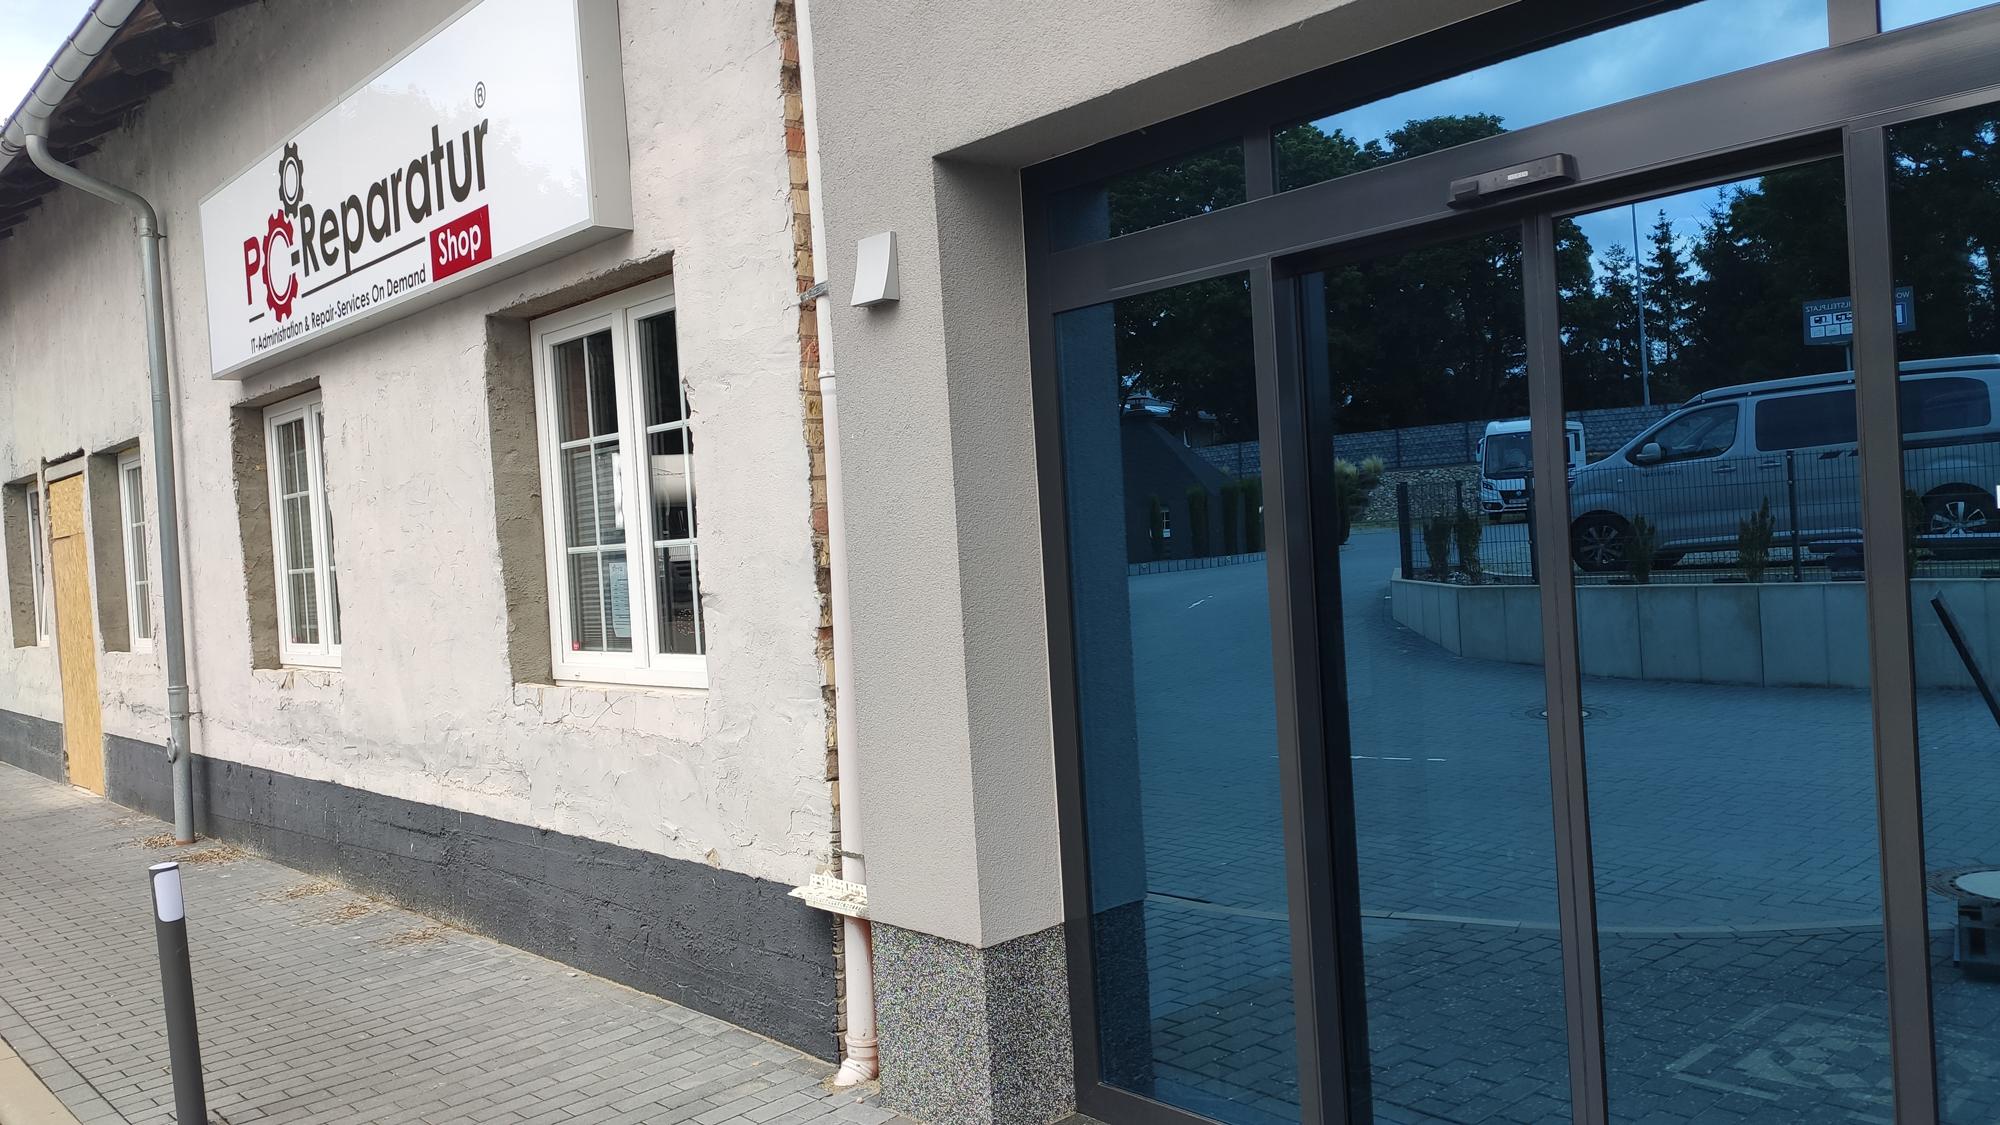 PC-Reparatur.Shop GmbH   Preiswerte IT-Dienstleistungen inkl. persönlichen Ansprechpartner